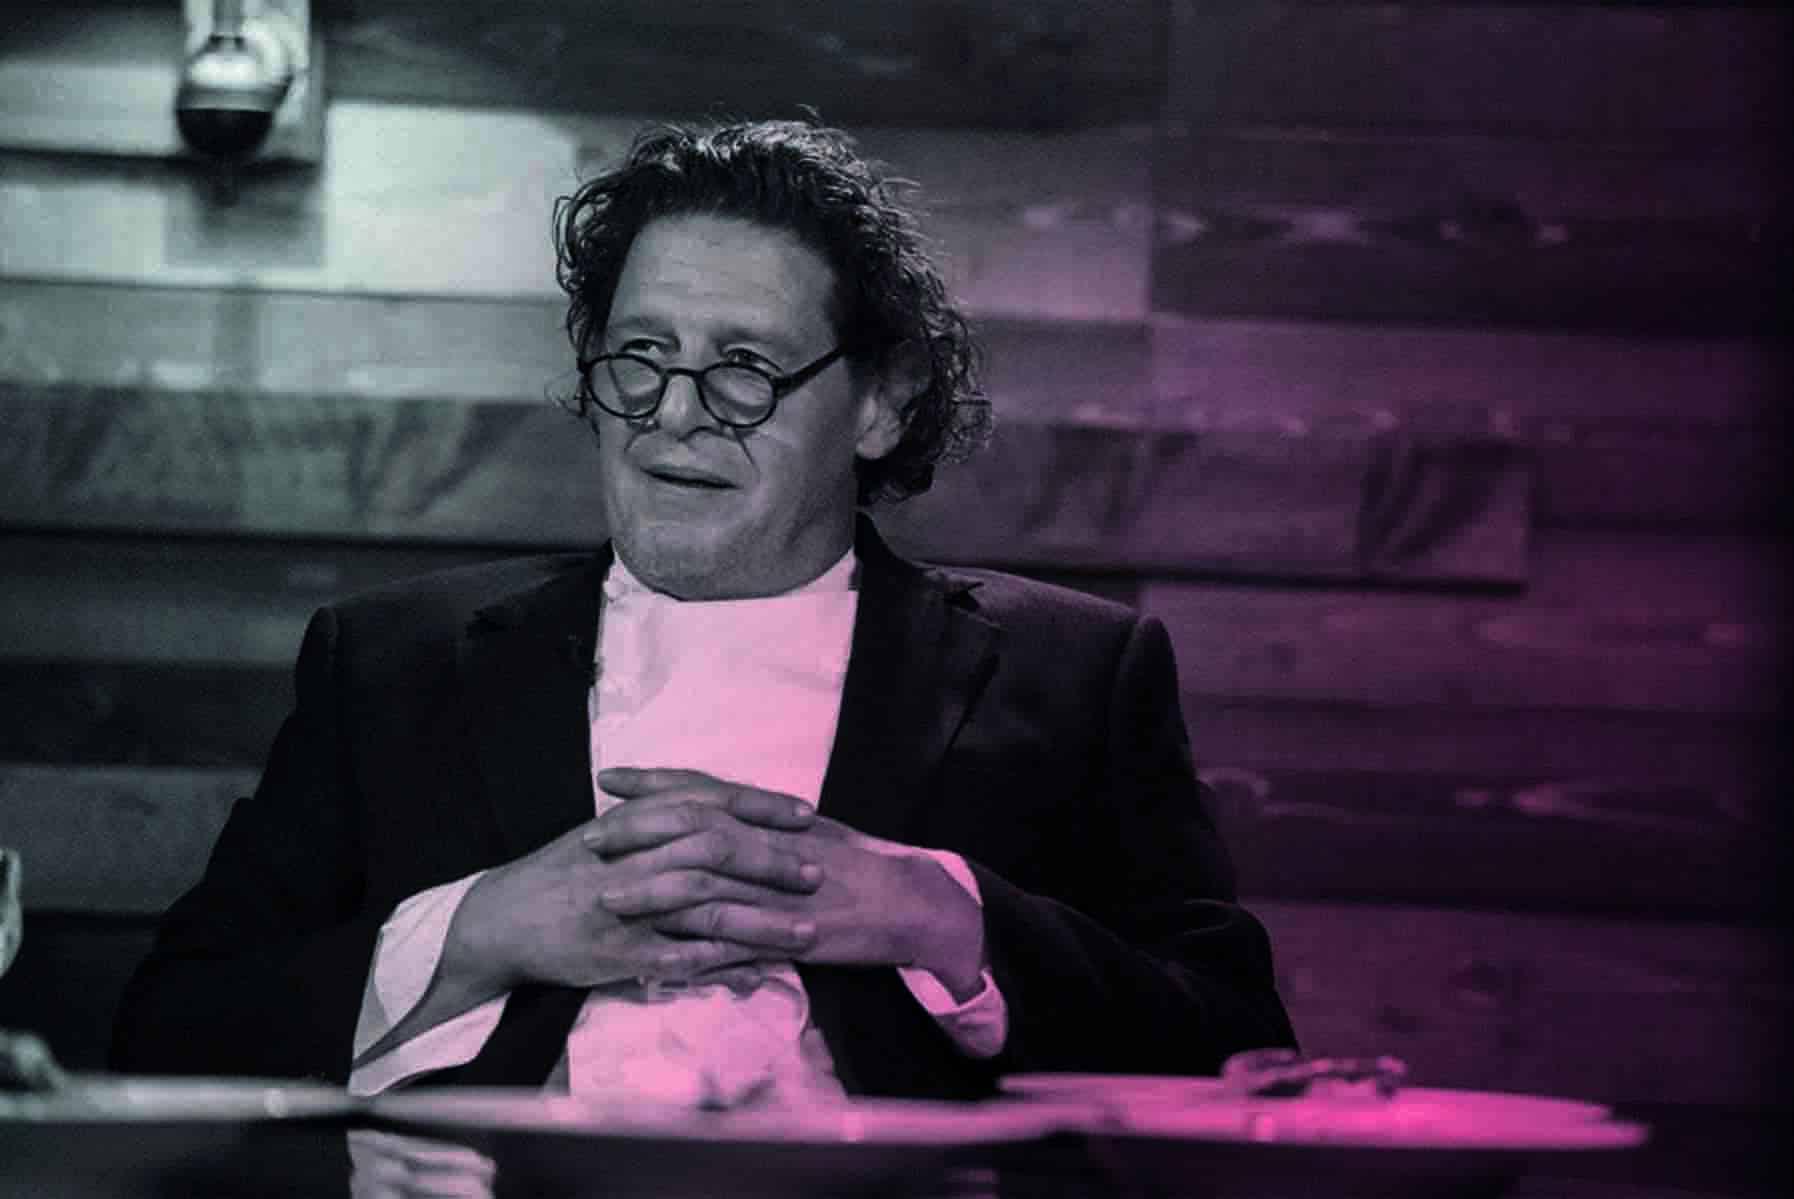 Marco Pierre